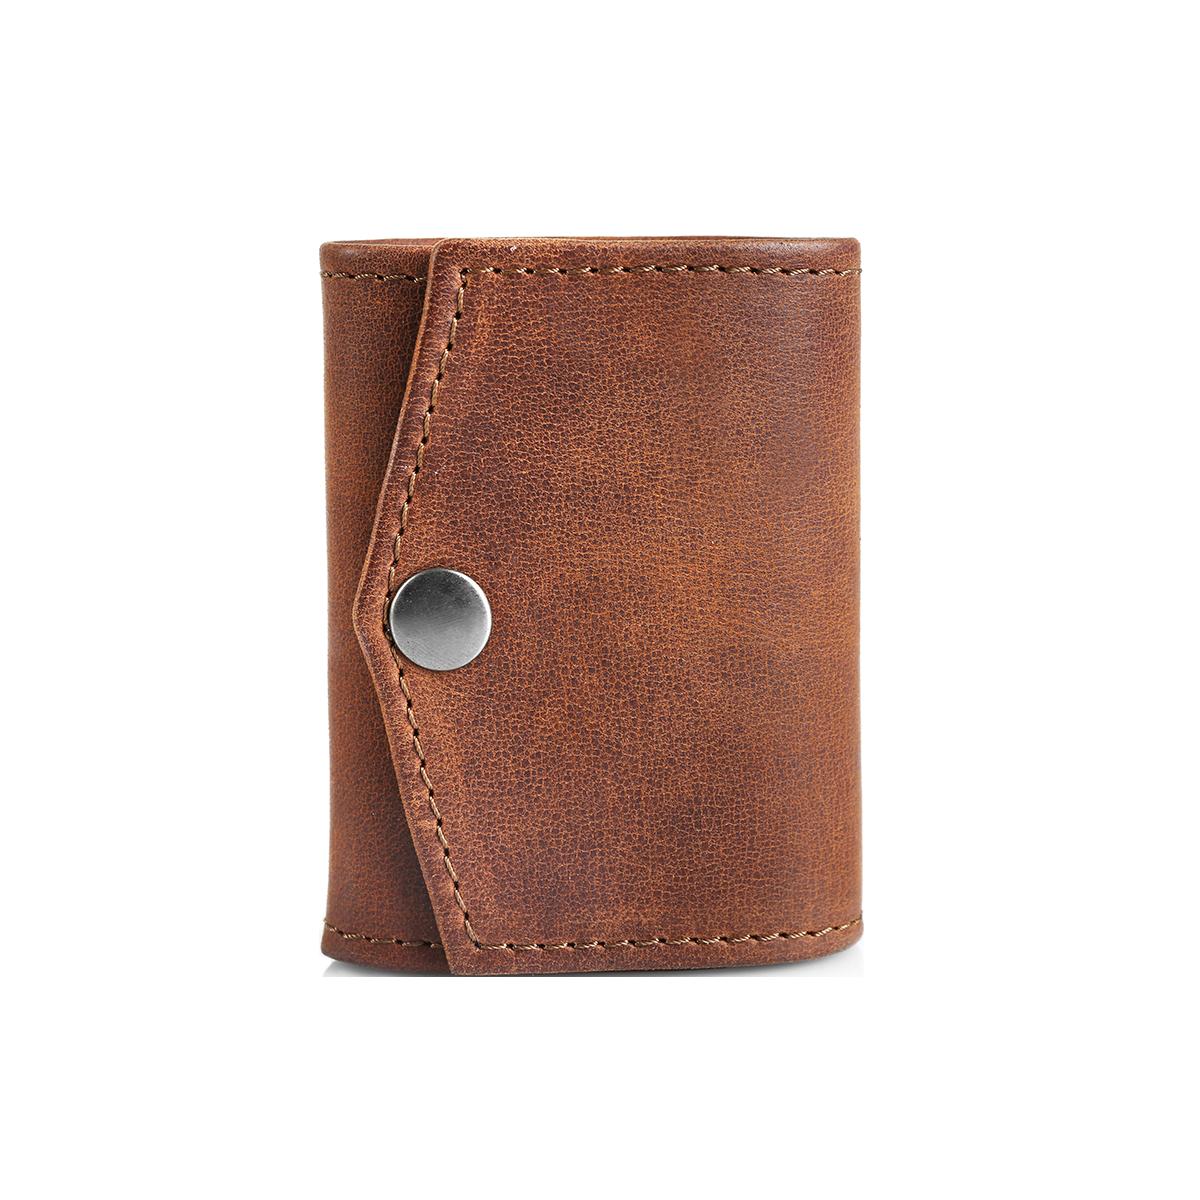 Black suede wallet